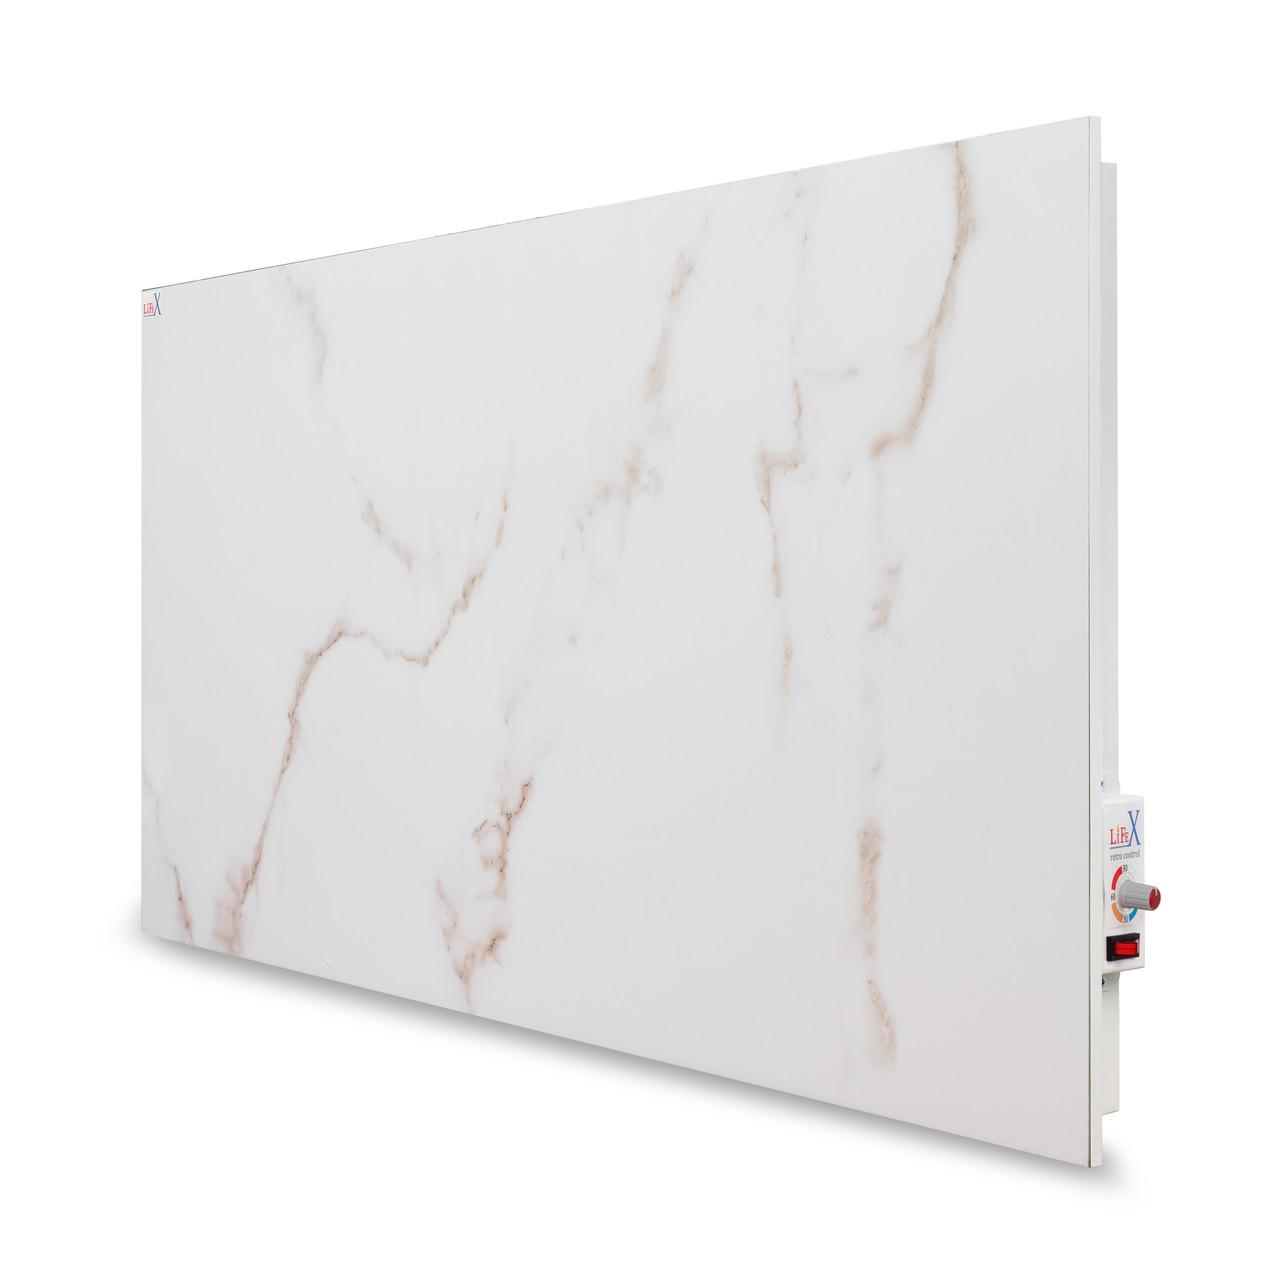 Керамическая панель LIFEX 1400 Вт Bio-air (белый мрамор) механика